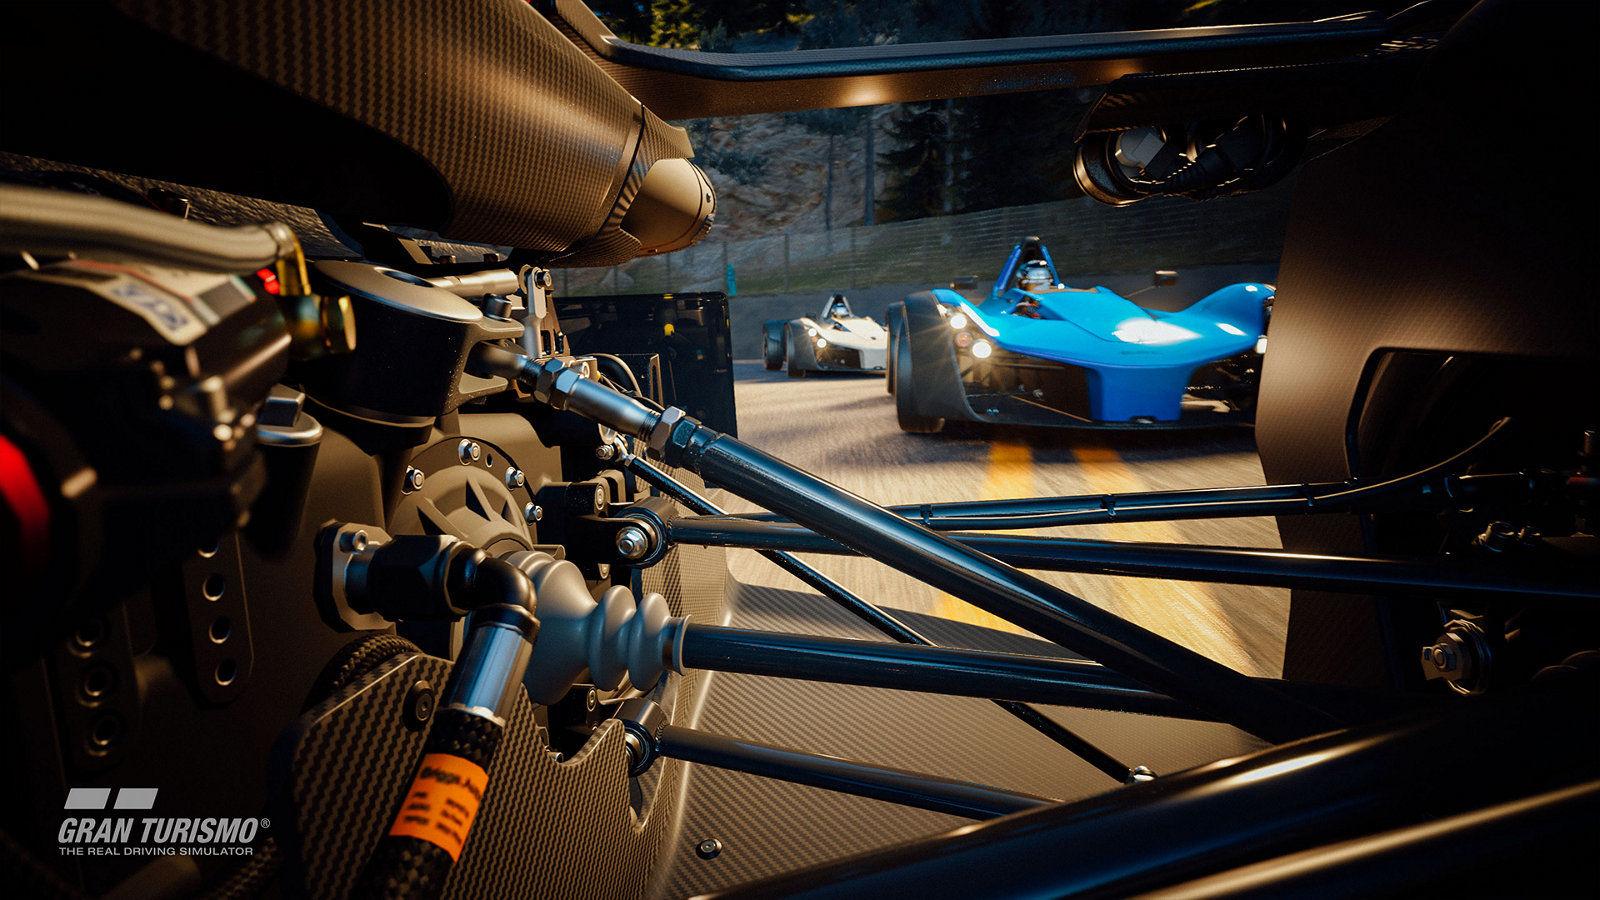 Gran Turismo 7 release date delayed